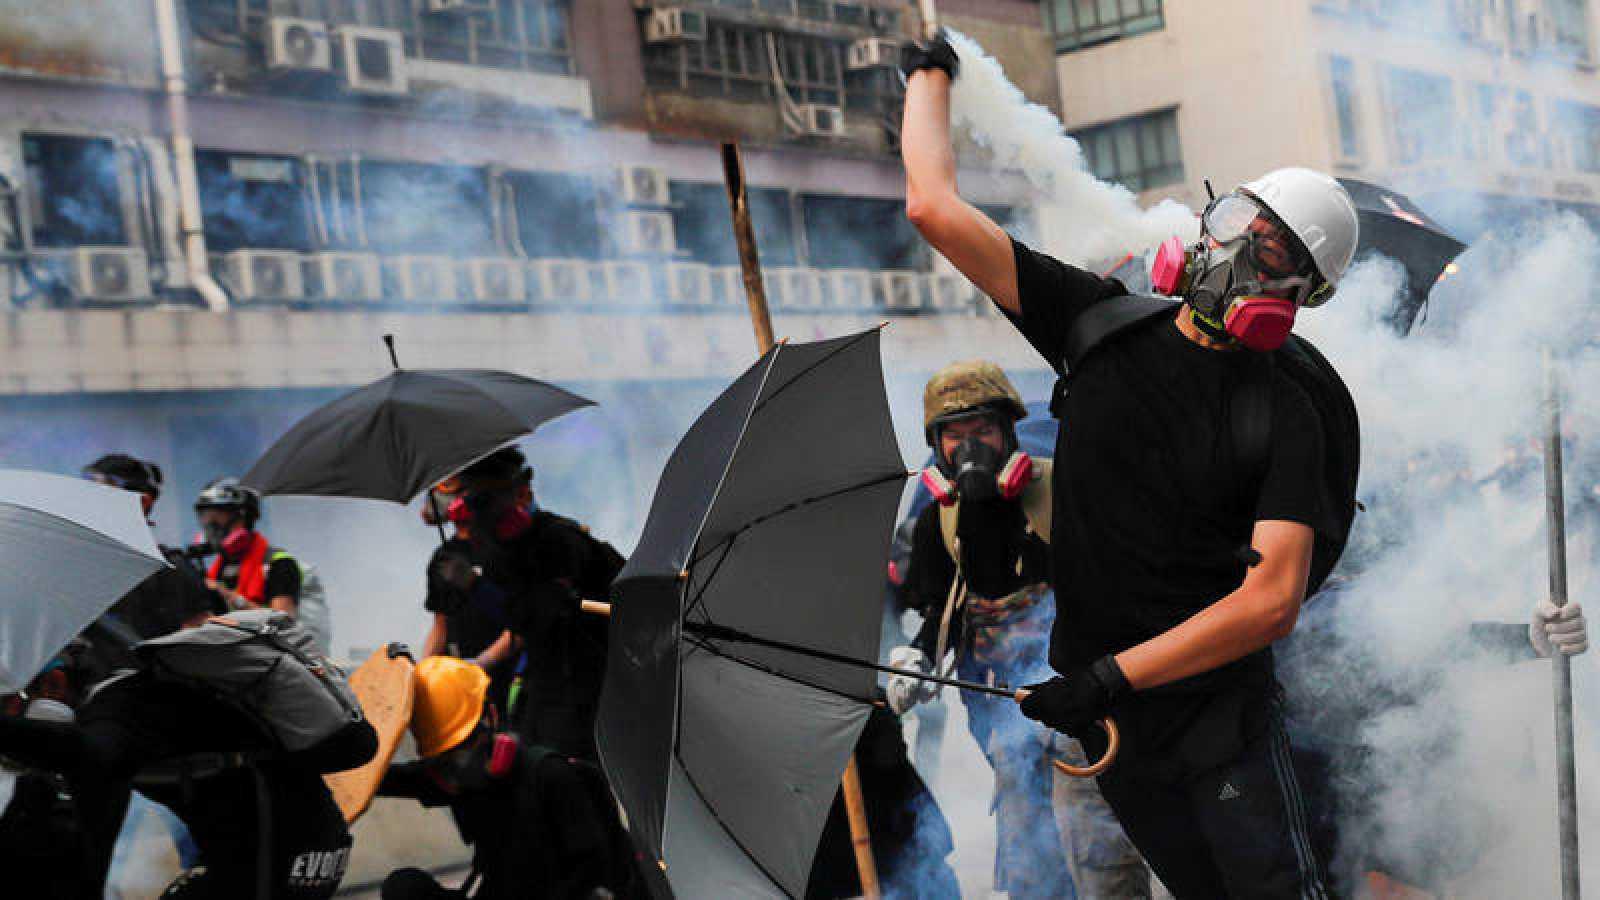 Un manifestante arroja de vuelta un bote lacrimógeno a la policía